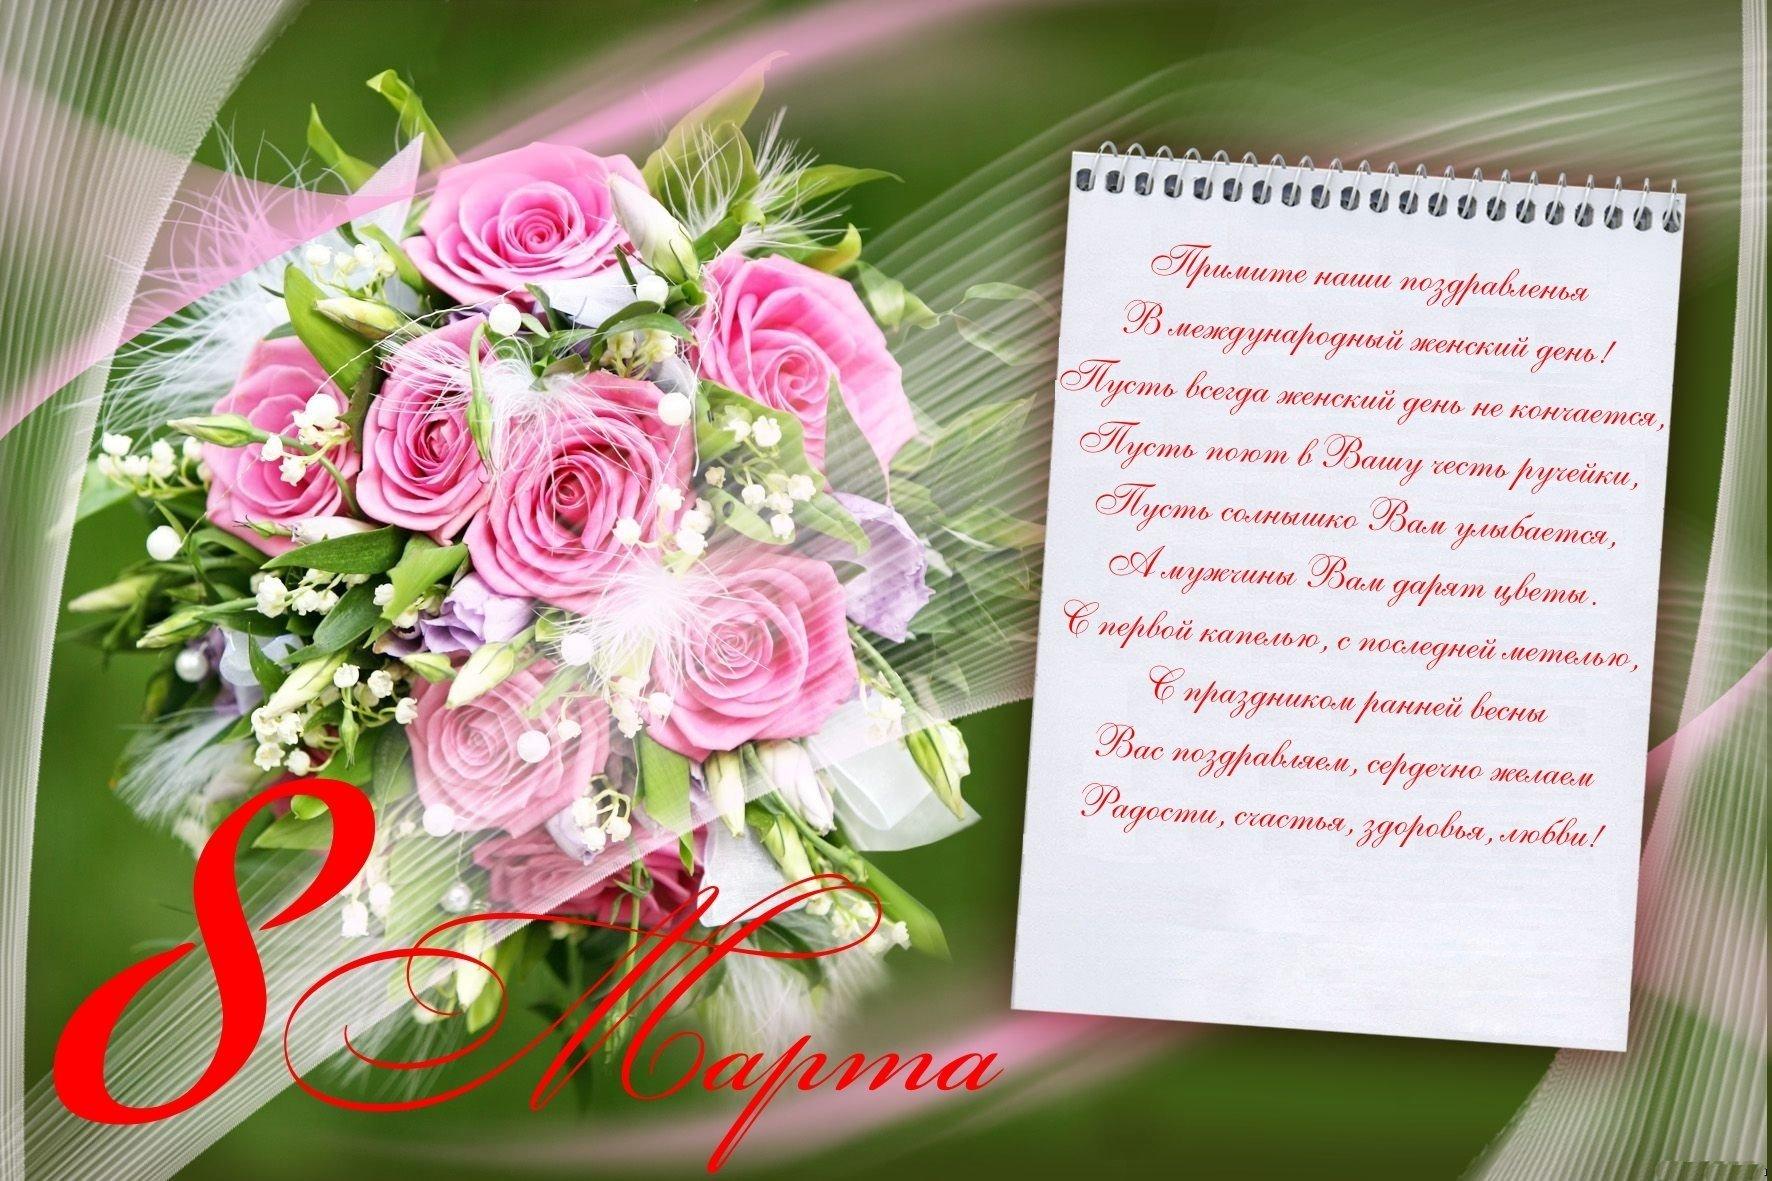 Живые цветы, поздравление открыткой на 8 марта